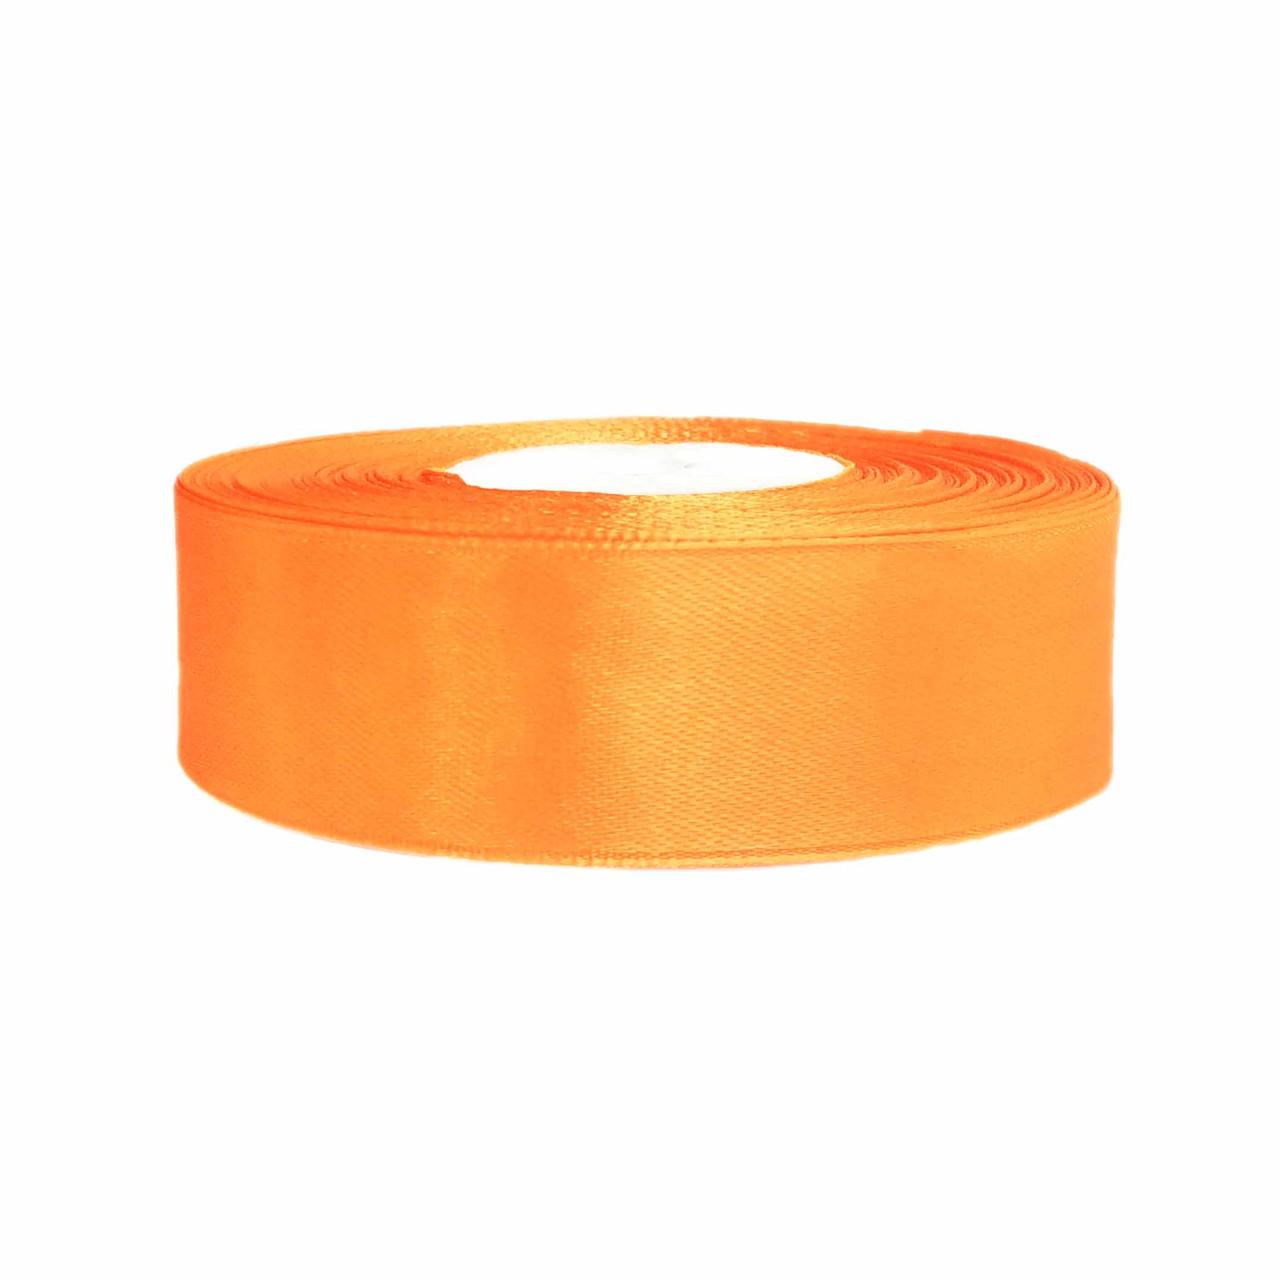 Атласная лента оранжевая 2,5 см х 36 ярдов